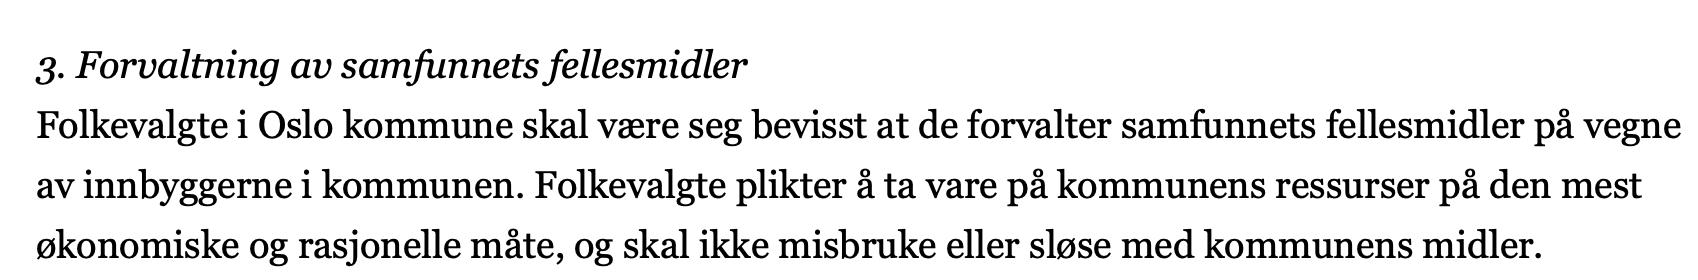 Skjermbilde 2019-03-14 kl. 15.29.38.png